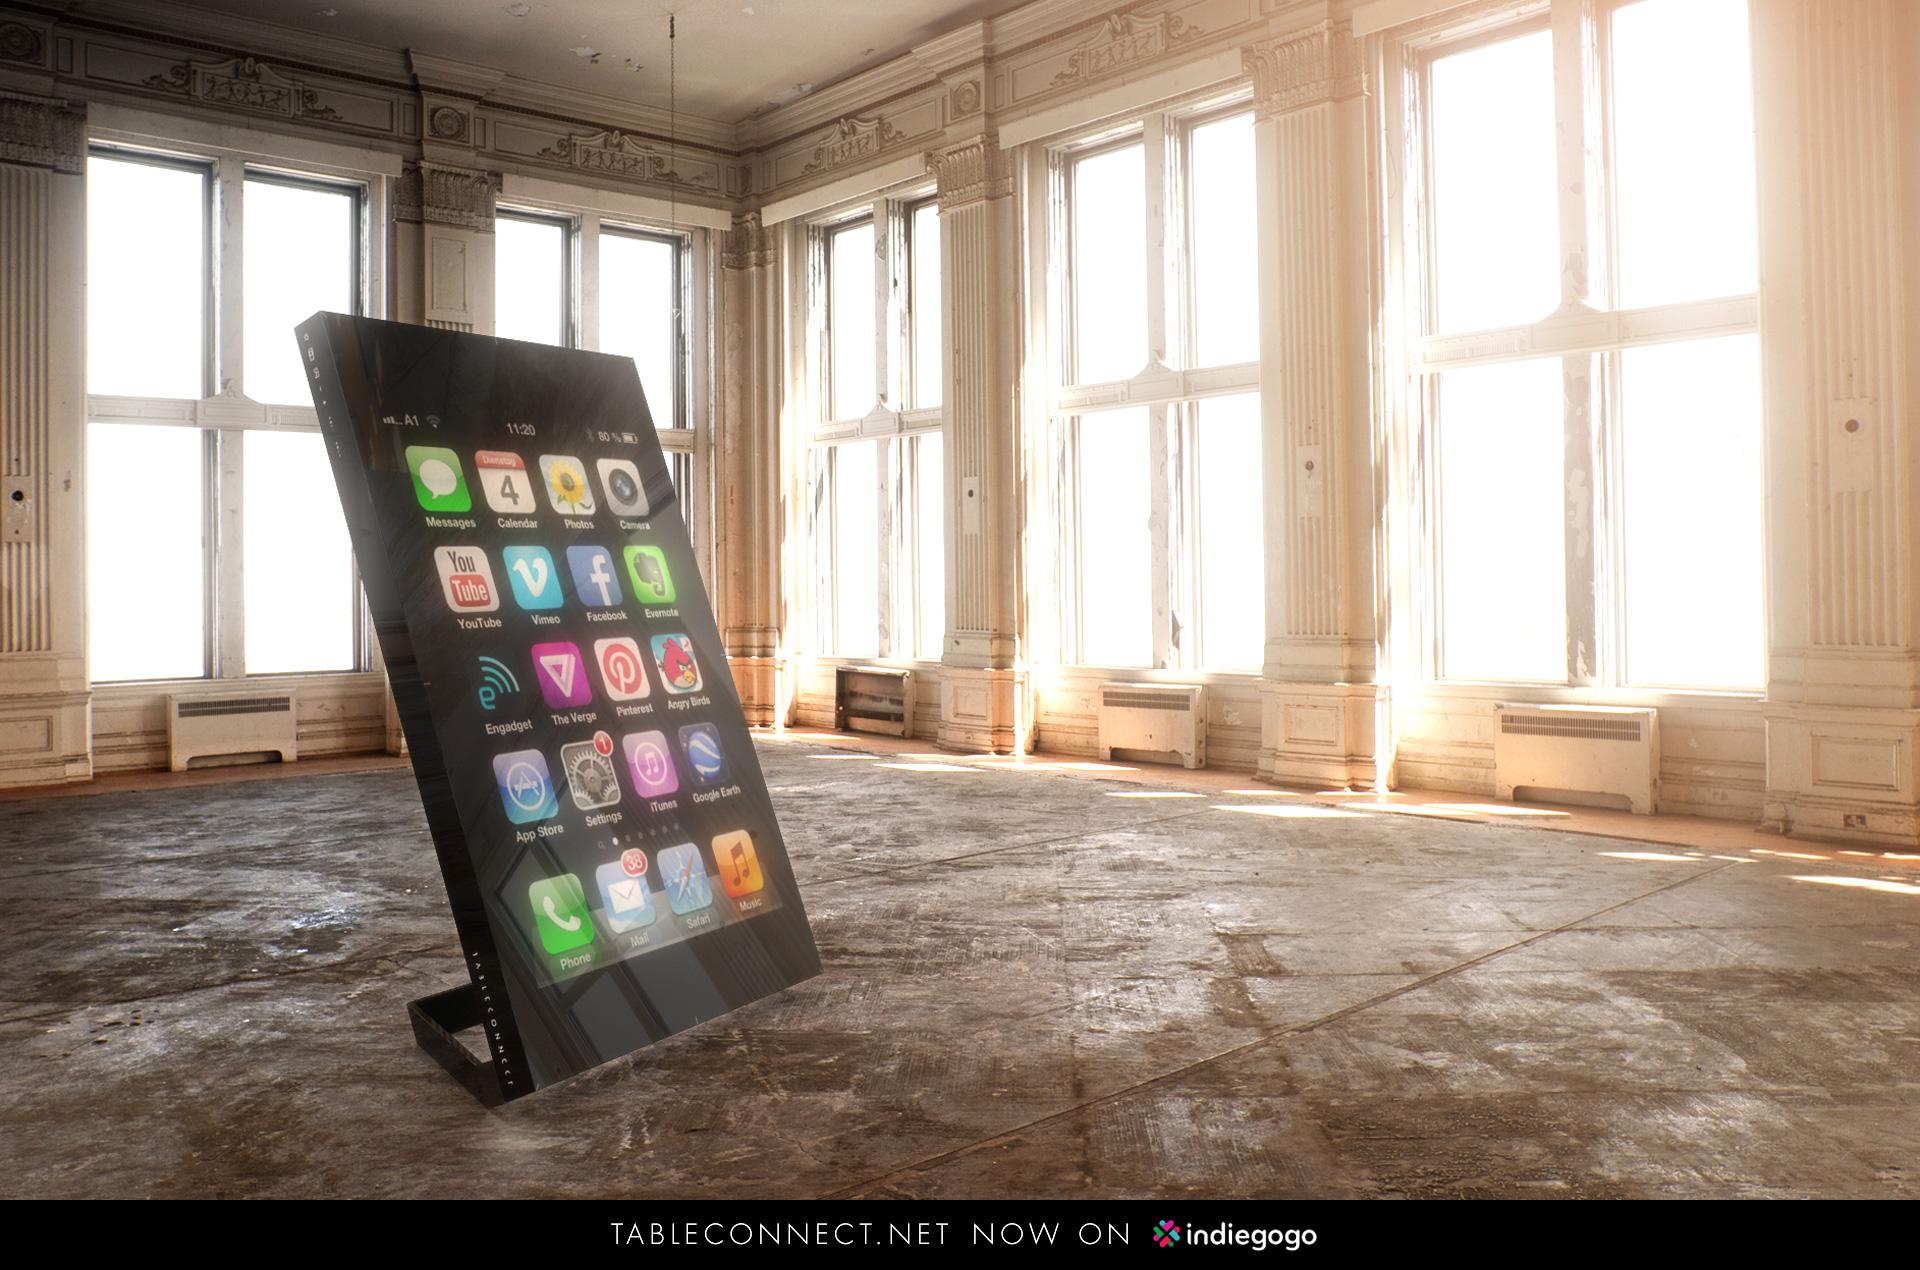 Artikel Lesen TableConnect Bringt Das Smartphone Auf Einen Riesigen Tisch Foto GmbH